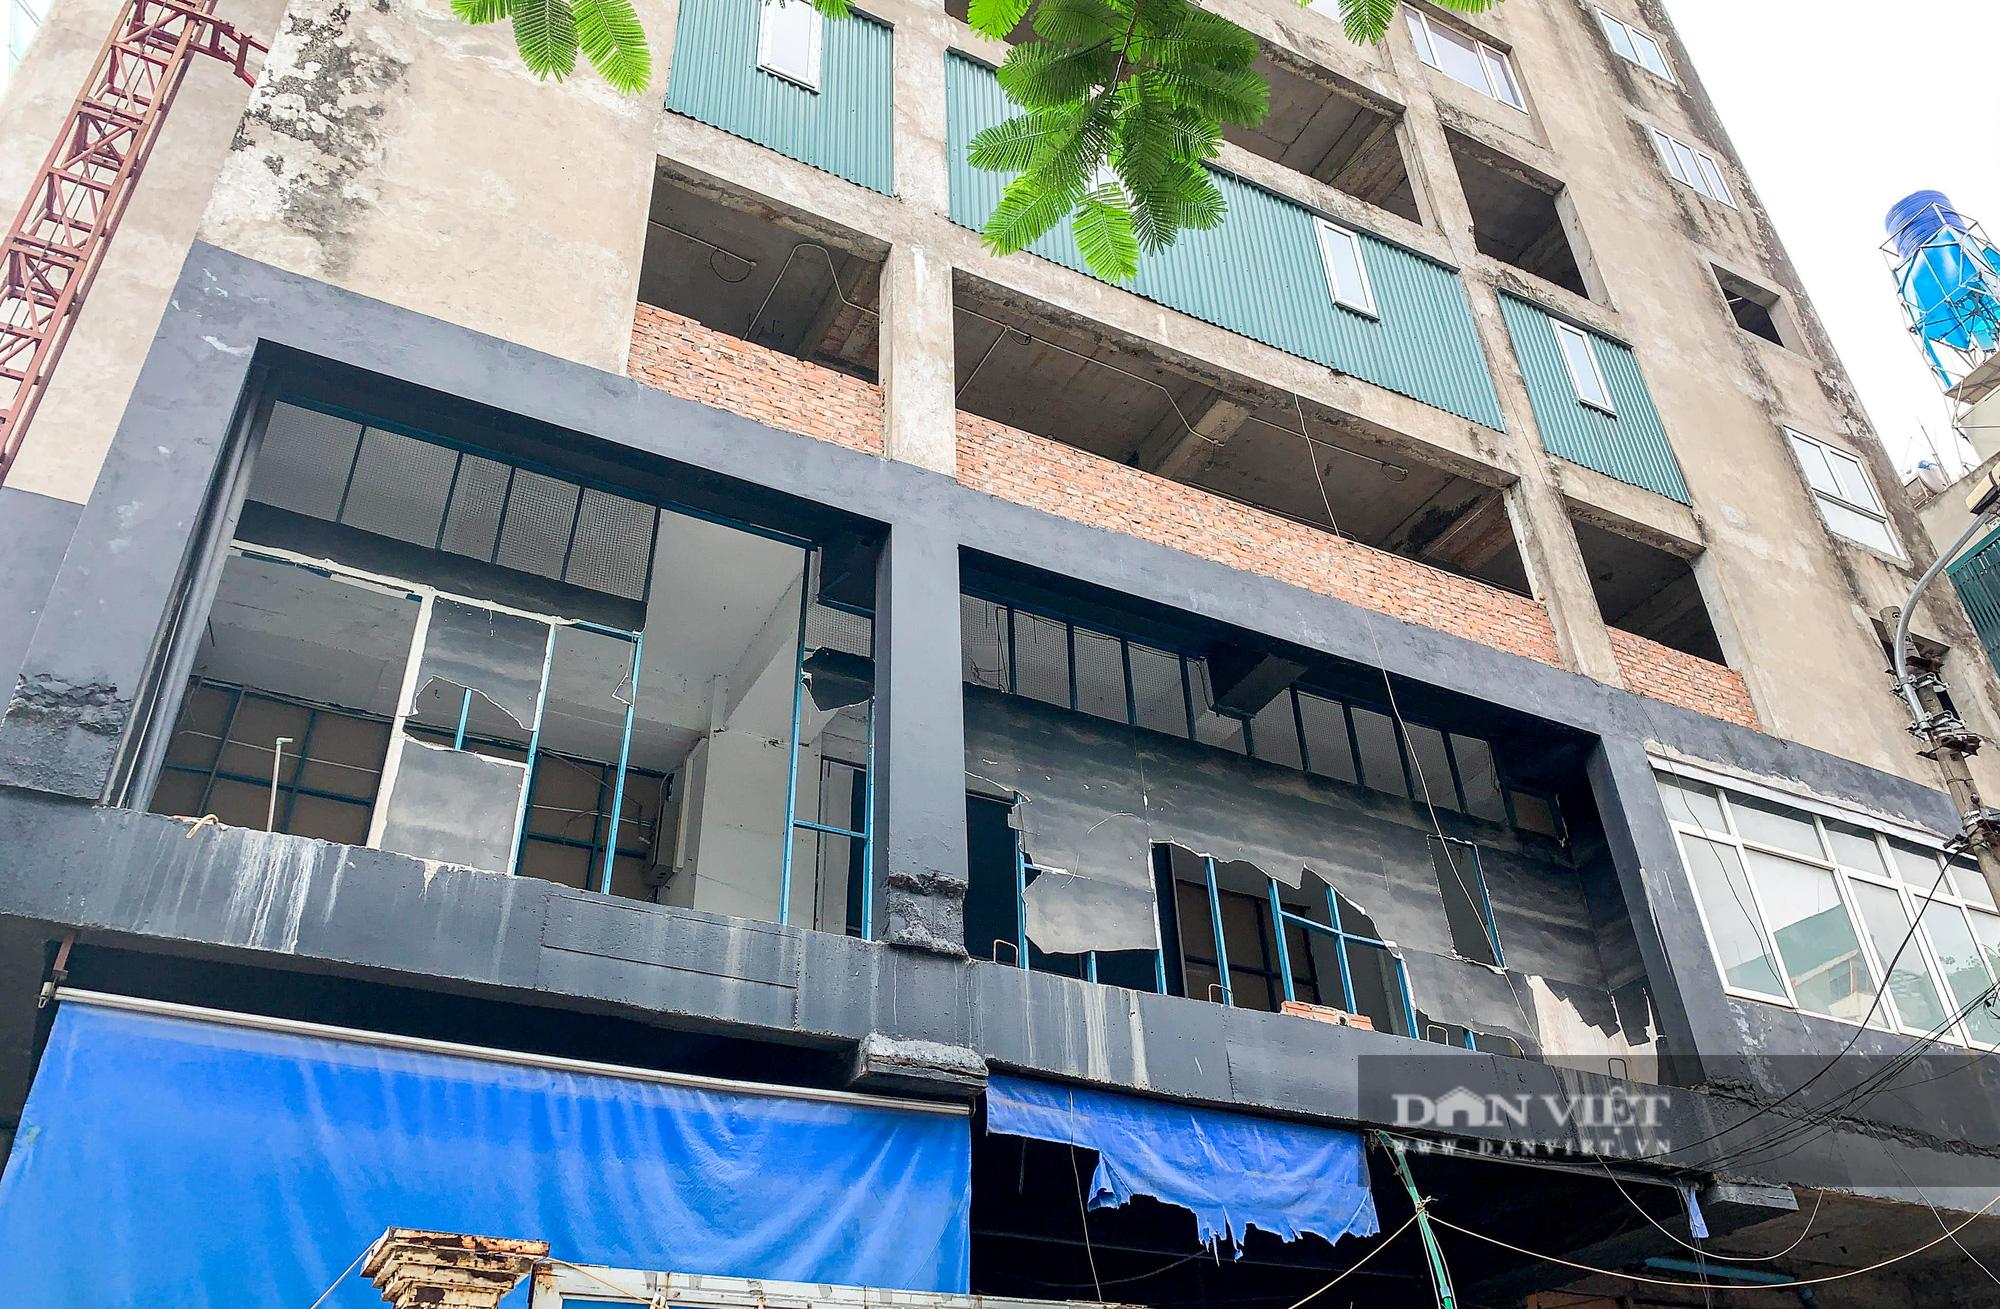 """Toàn cảnh dự án cao ốc 131 Thái Hà bị """"lãng quên"""" hơn 1 thập kỷ - Ảnh 7."""